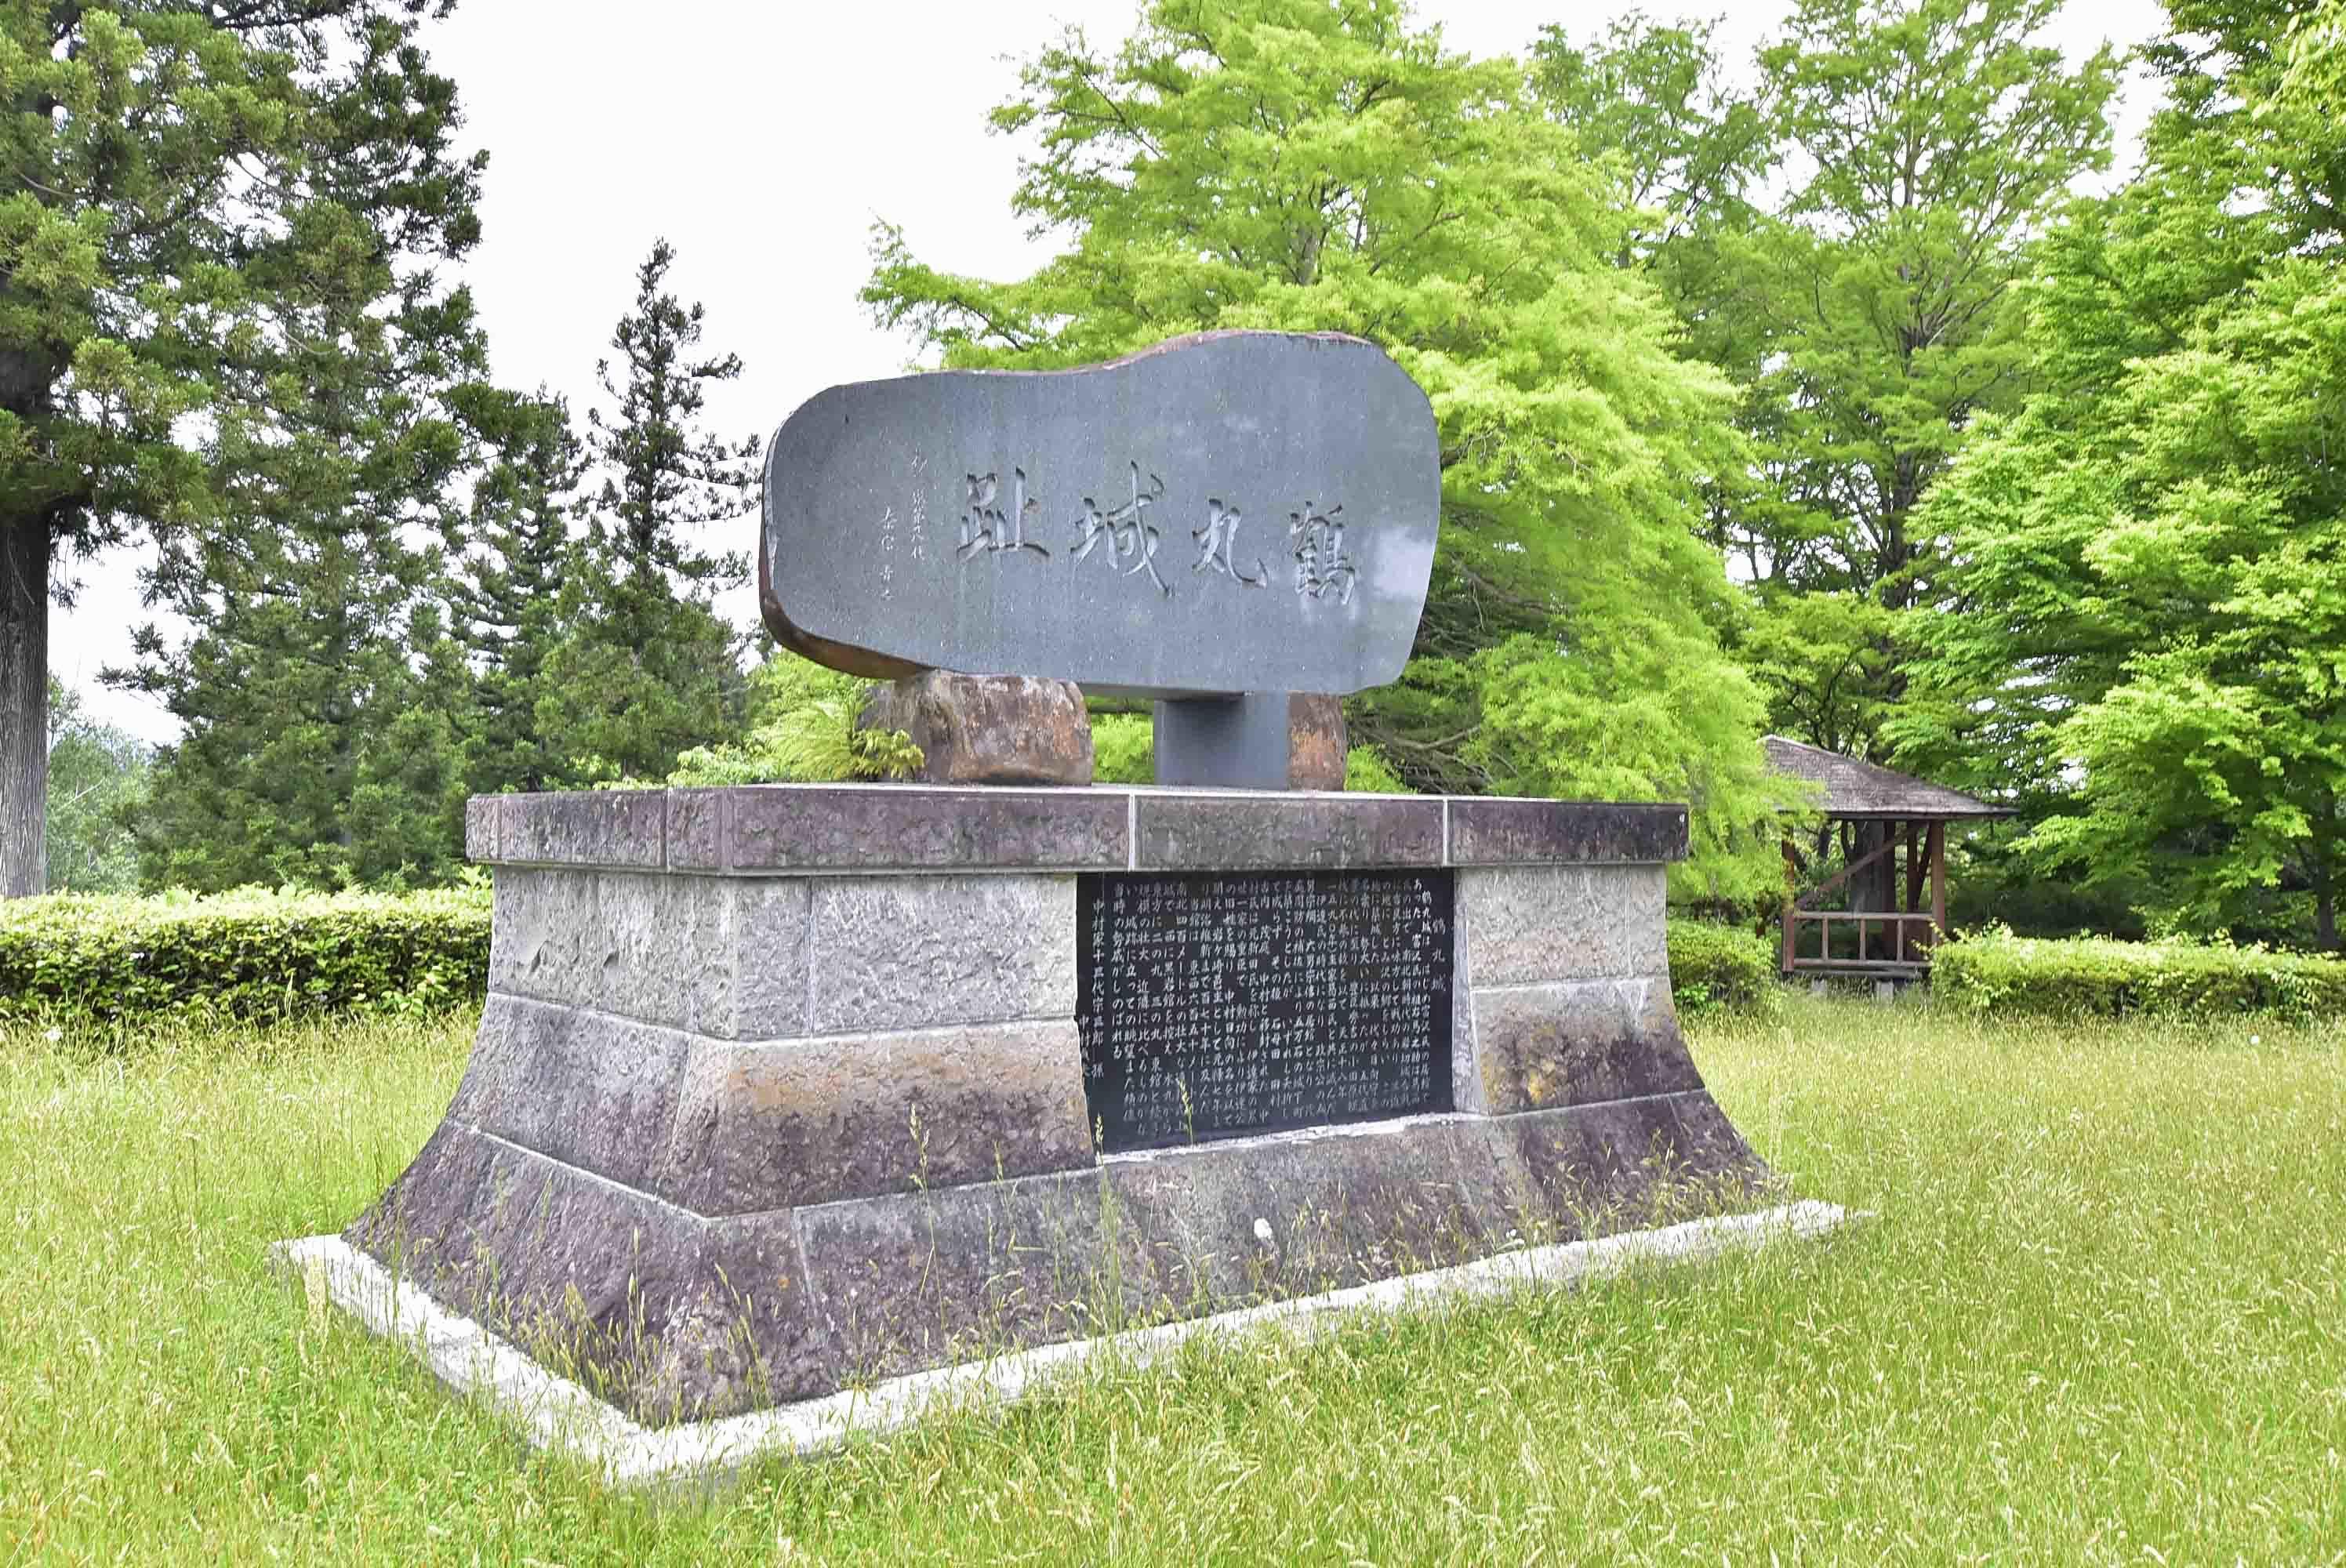 鶴丸城 城址碑